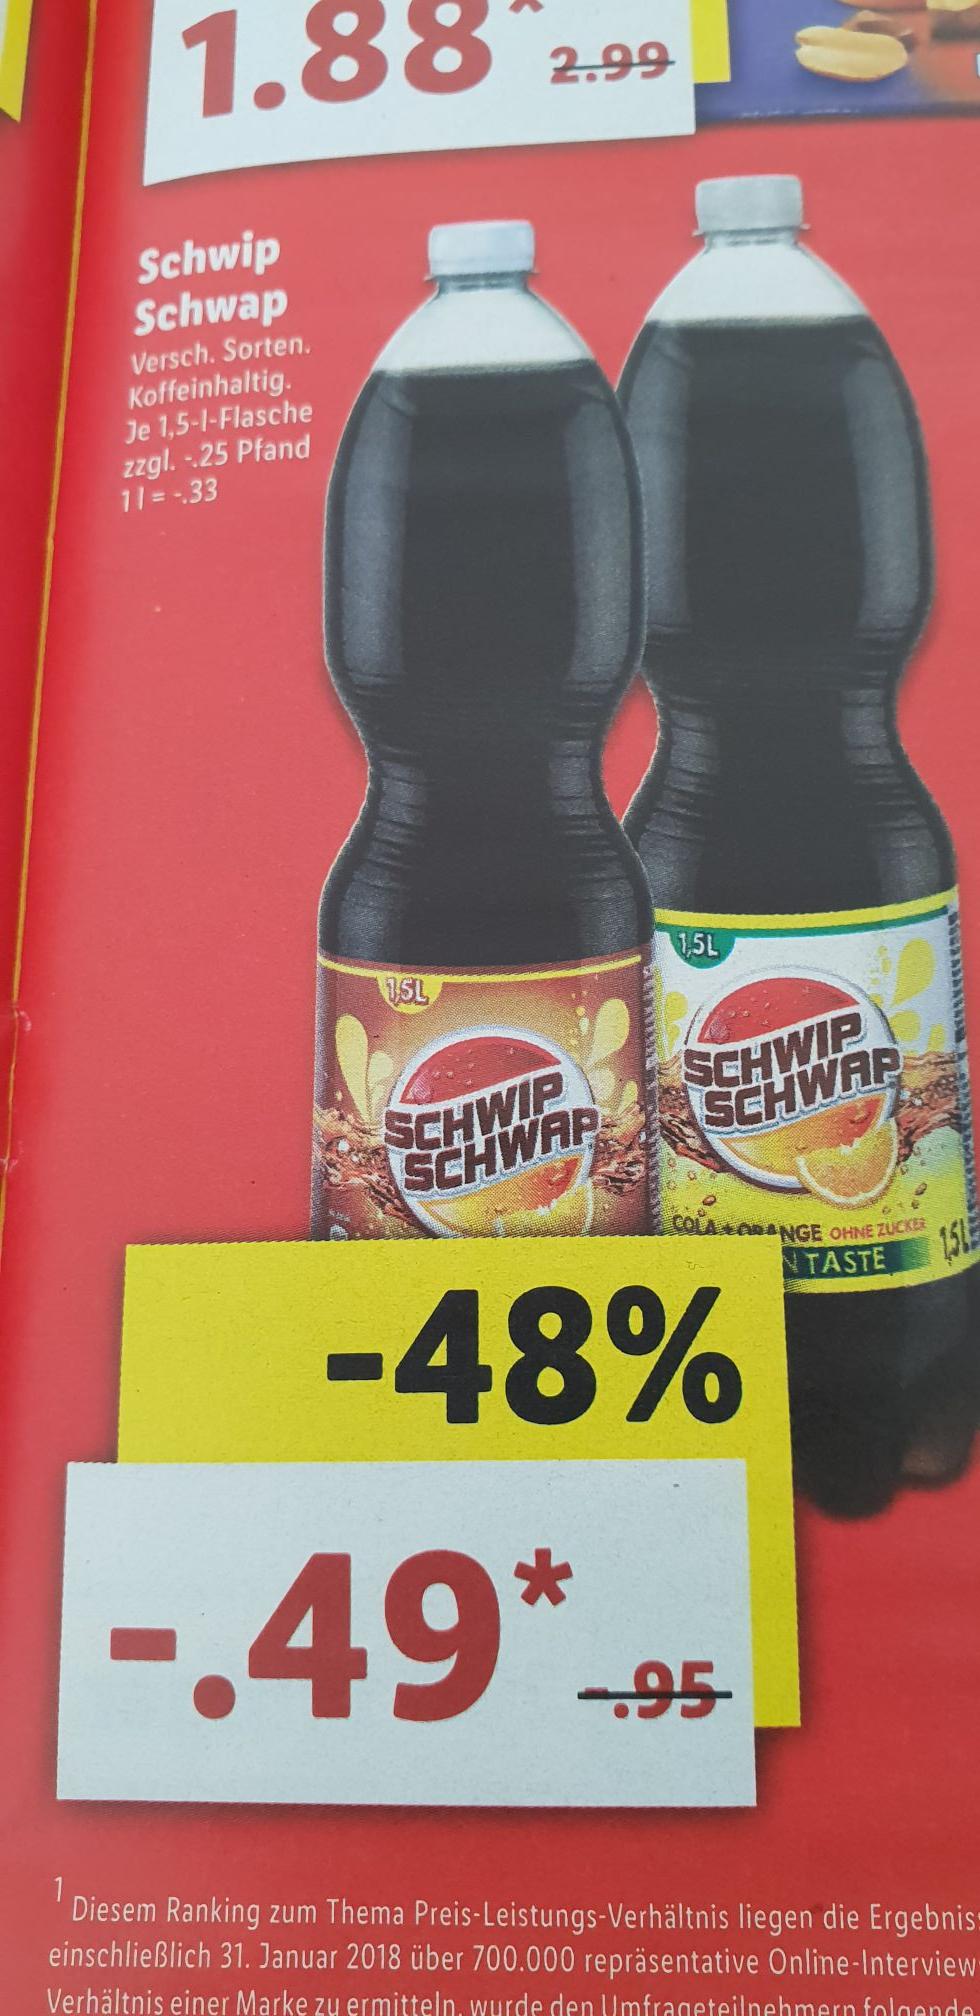 [Offline Lidl] Schwip Schwap Getränk verschiedene sorten 1.5 Liter zzgl. 25 Cent Pfand.